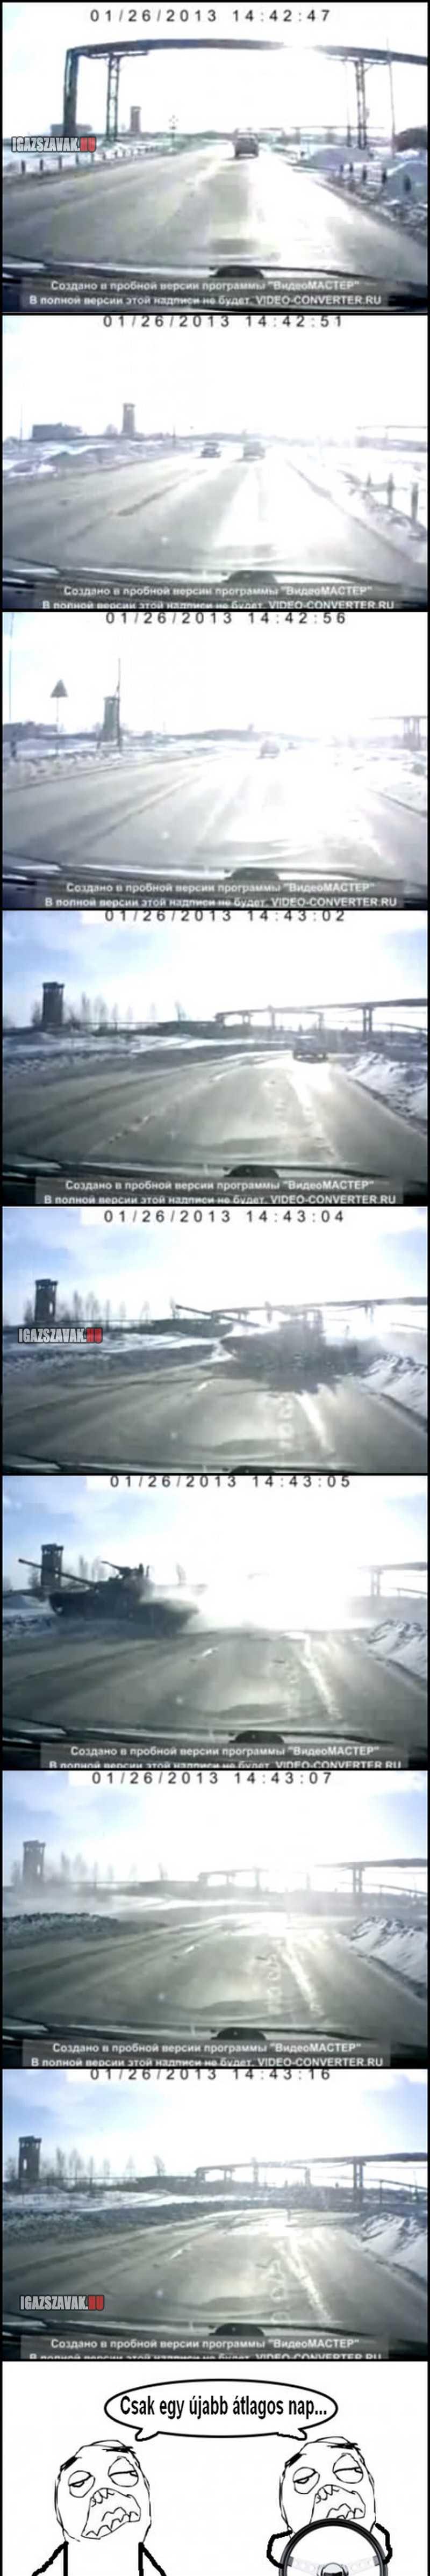 Eközben az orosz utakon